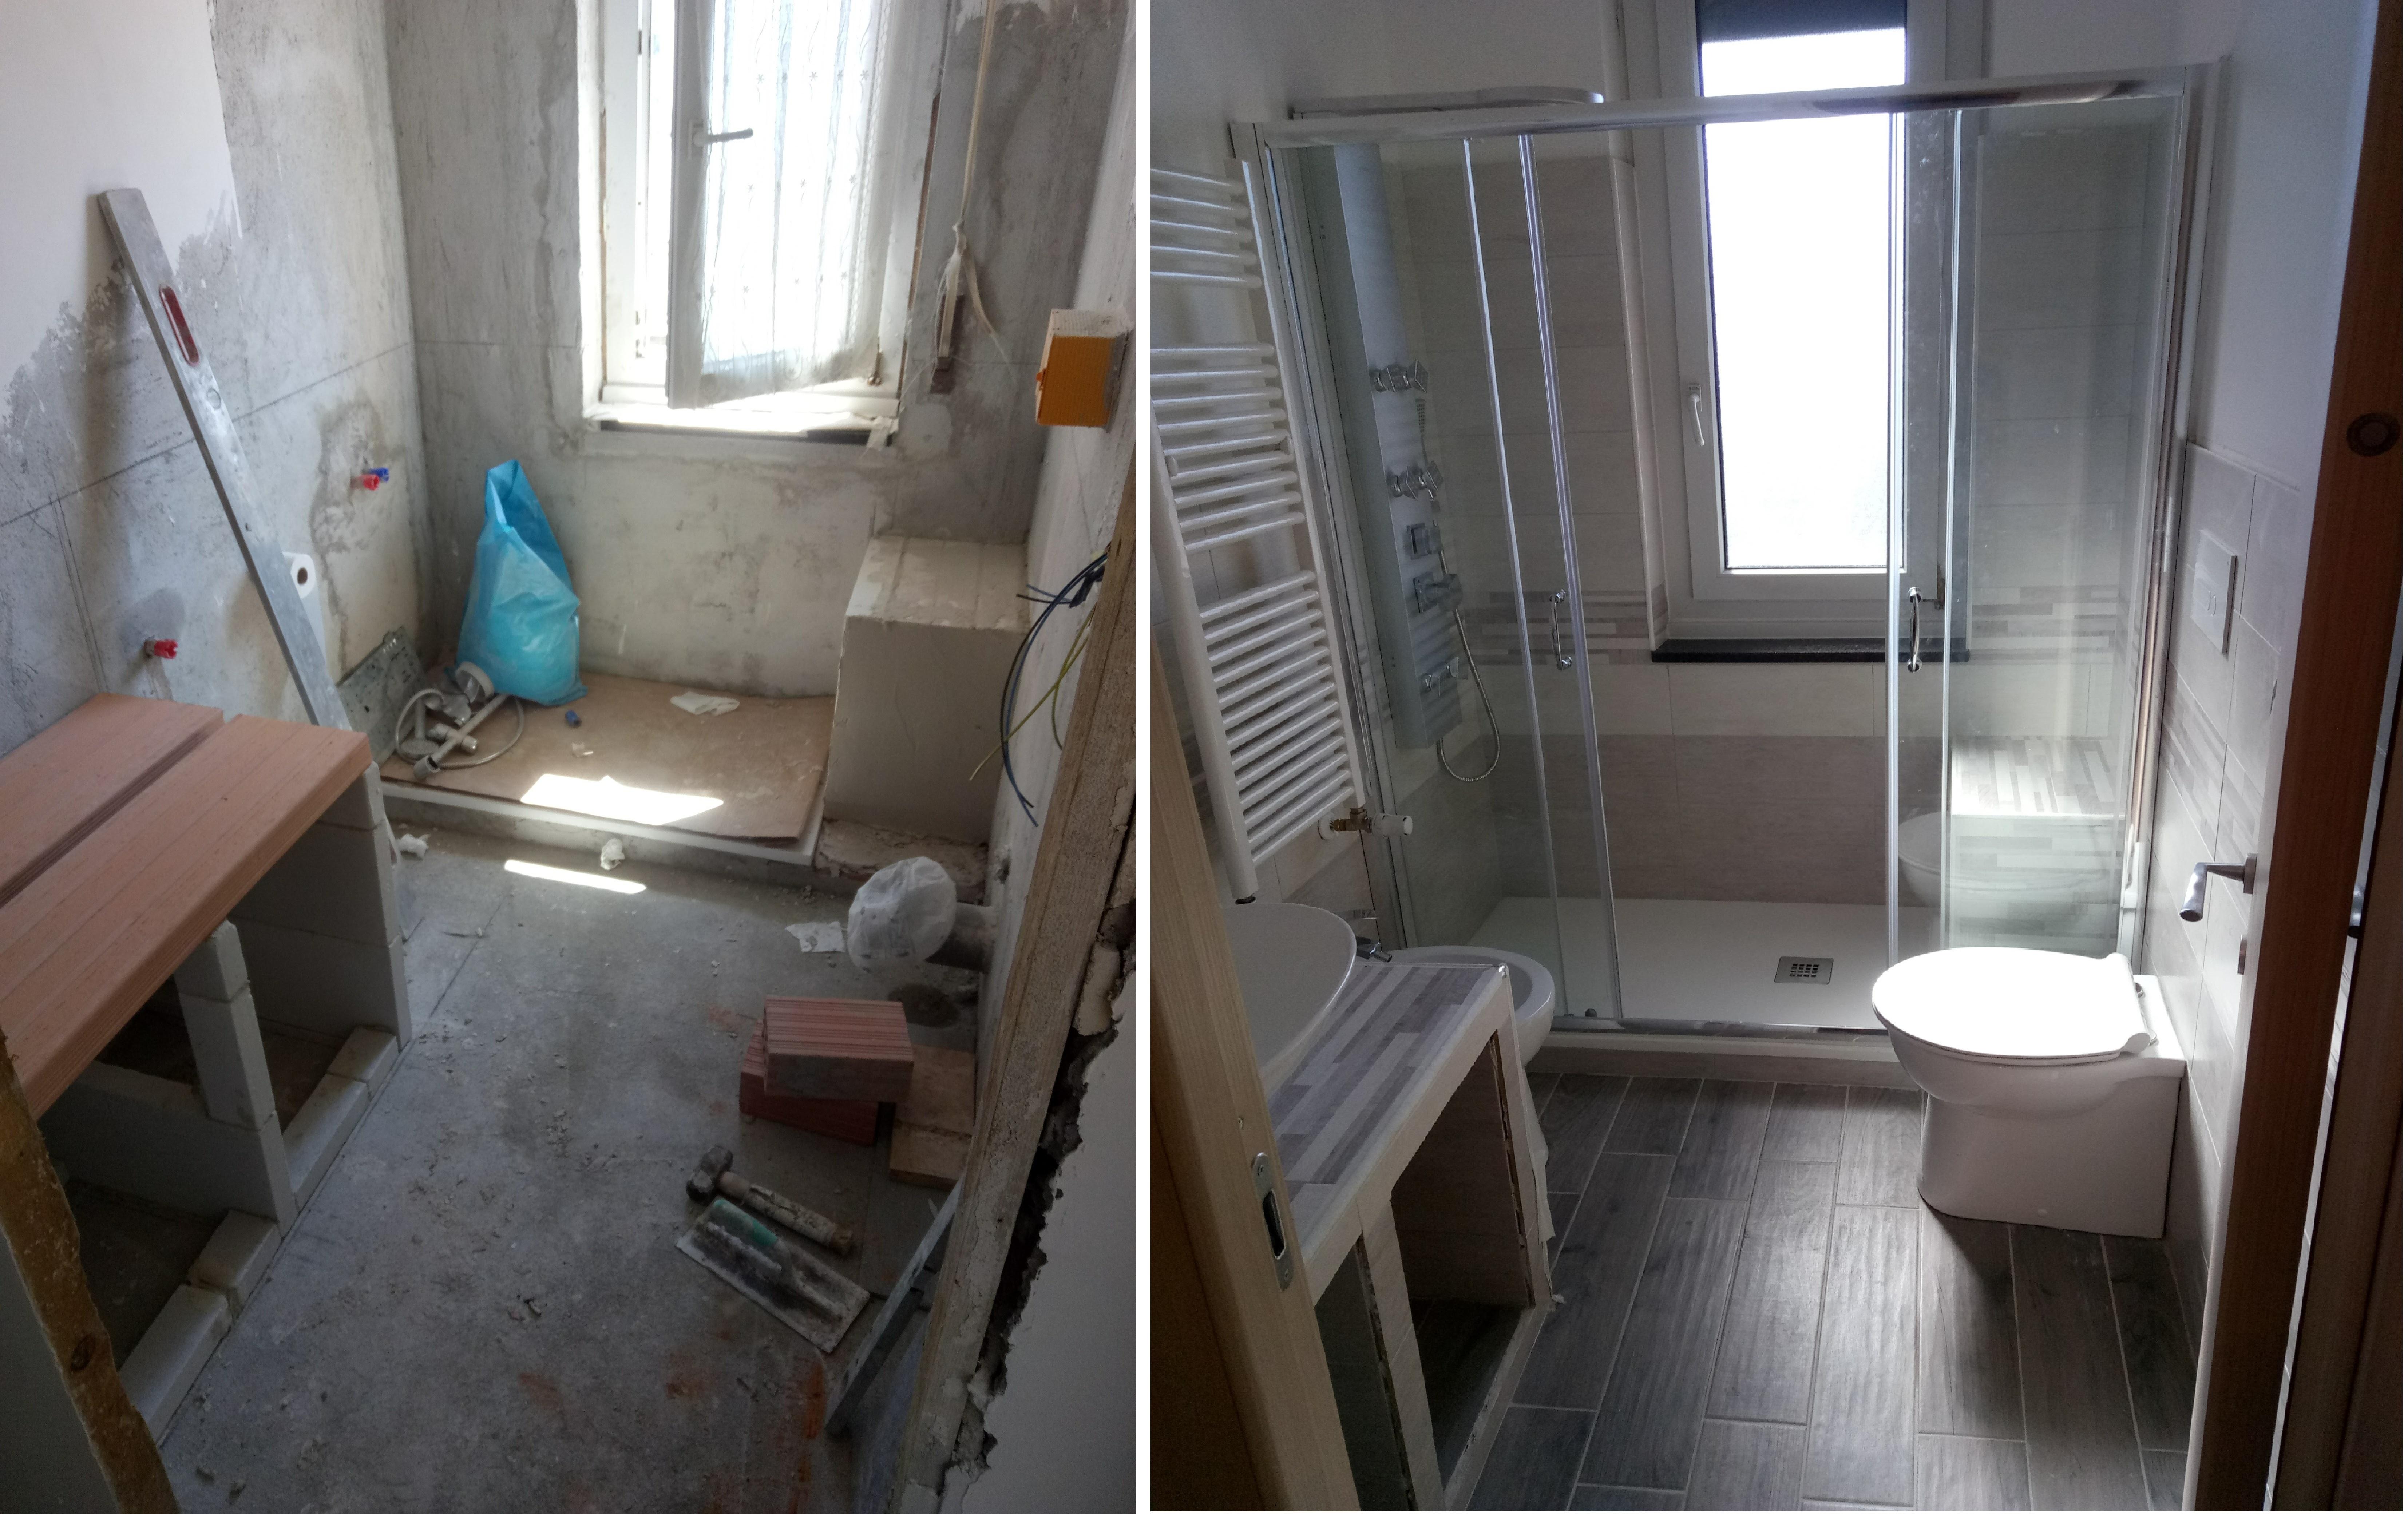 Gallery soluzioni edili srls - Rifacimento bagno manutenzione ordinaria ...